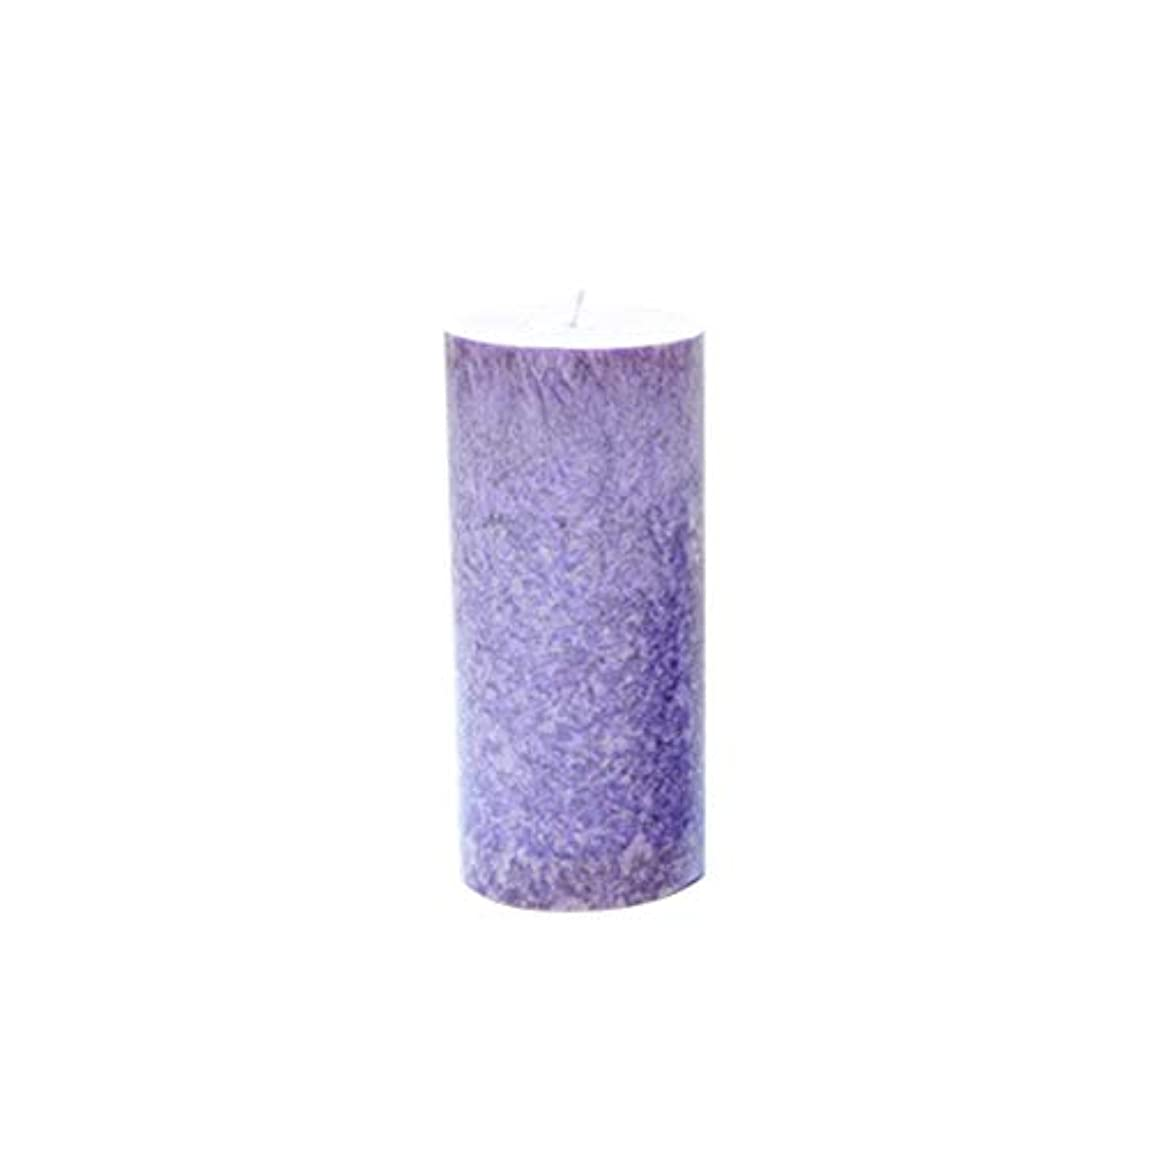 口ひげなめらかマディソンRakuby 香料入り 蝋燭 ロマンチック 紫色 ラベンダー アロマ療法 柱 蝋燭 祝祭 結婚祝い 無煙蝋燭